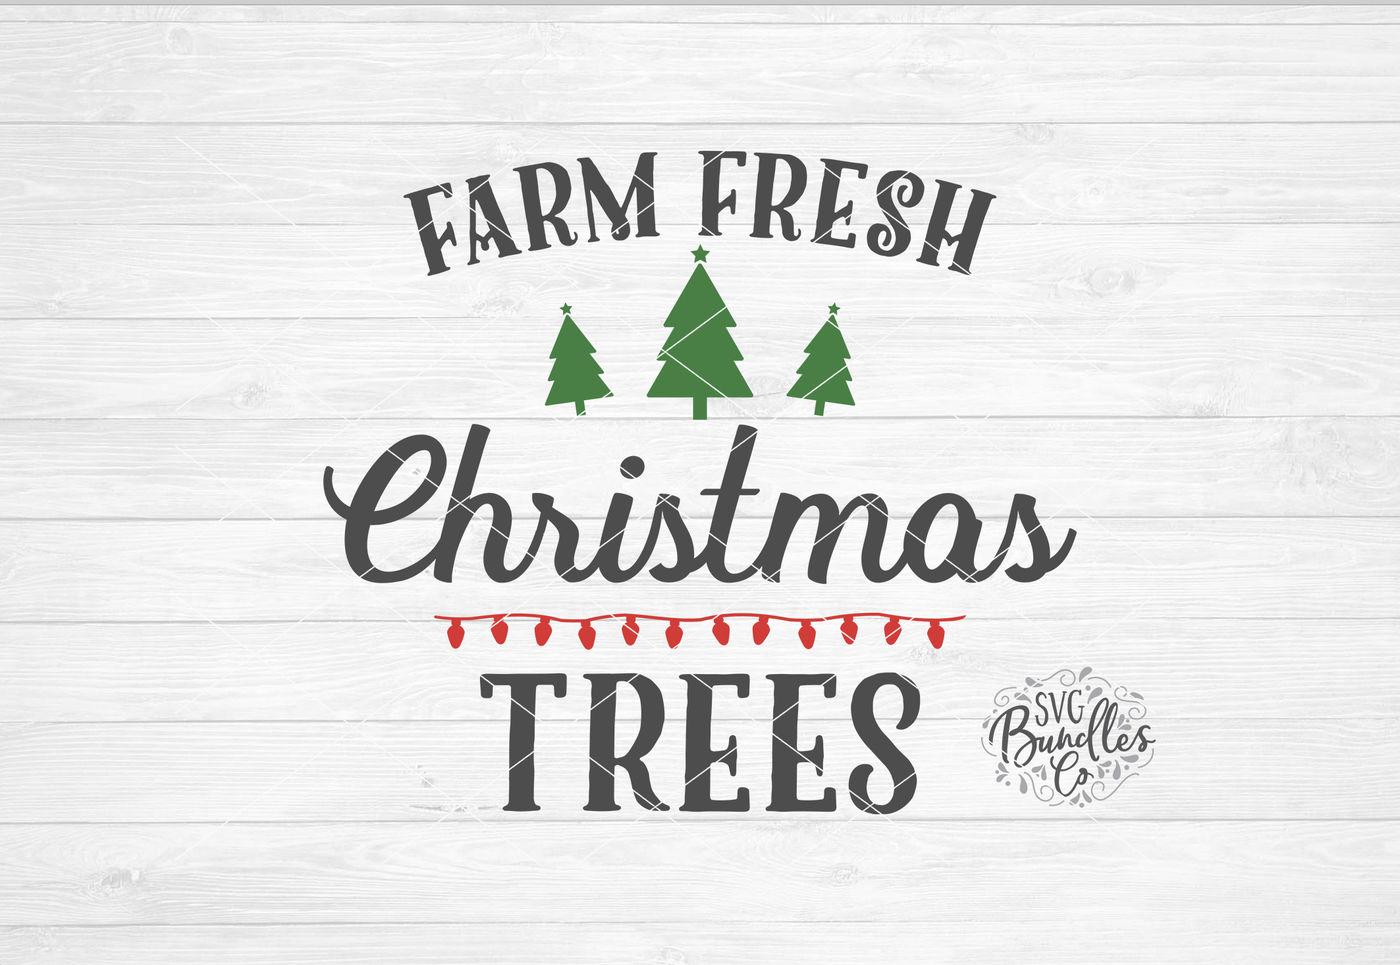 Farm Fresh Christmas Trees Svg.Farm Fresh Christmas Trees Svg Dxf Png By Svgbundlesco